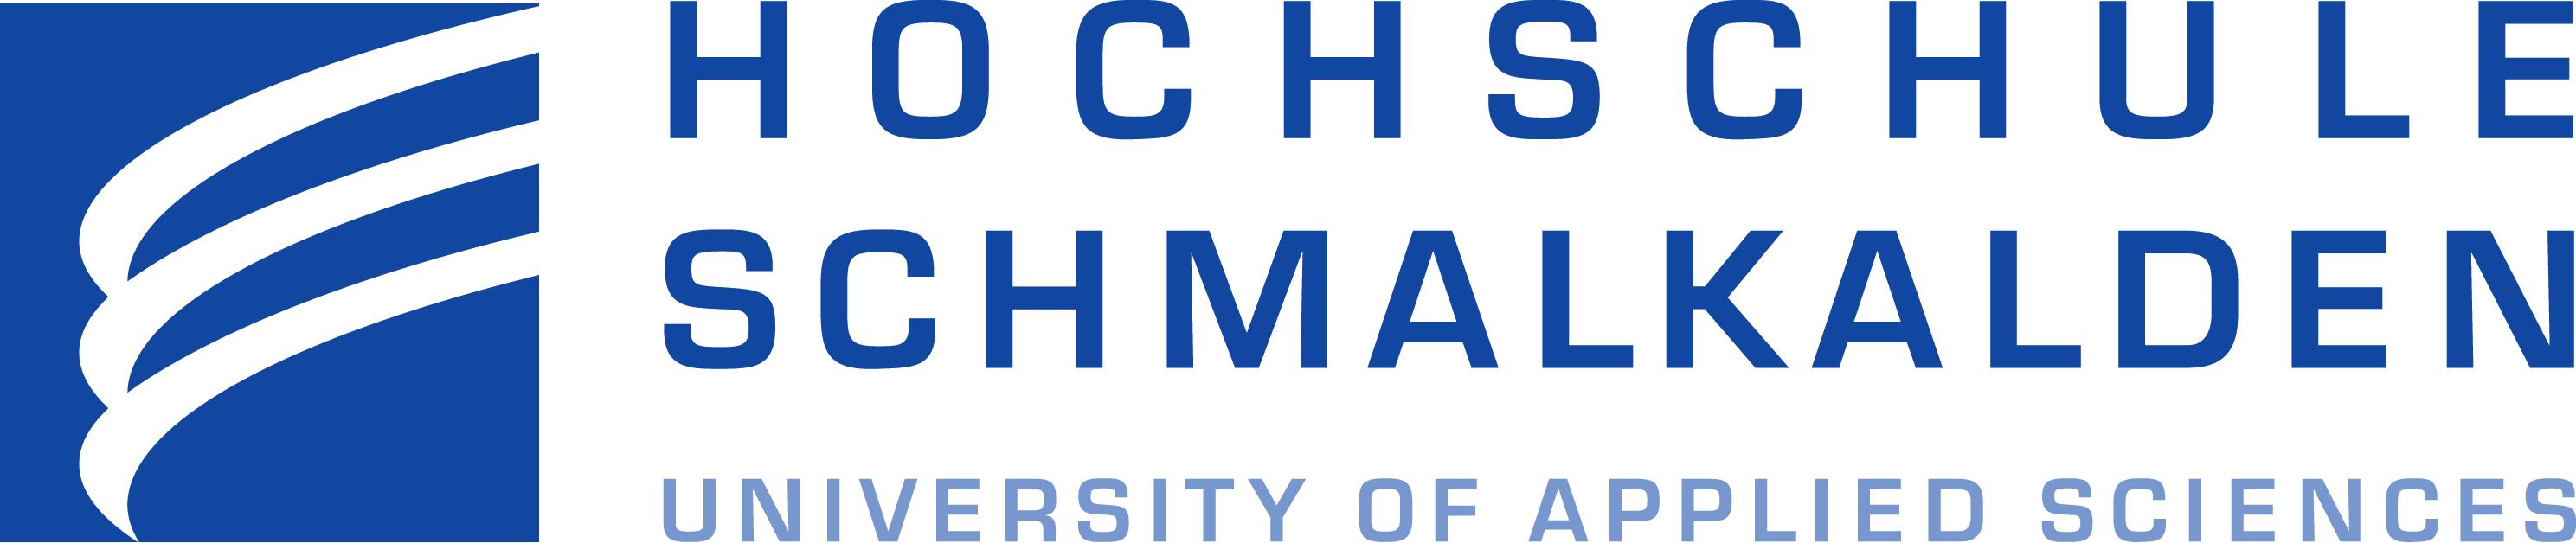 Hochschule Schmalkalden